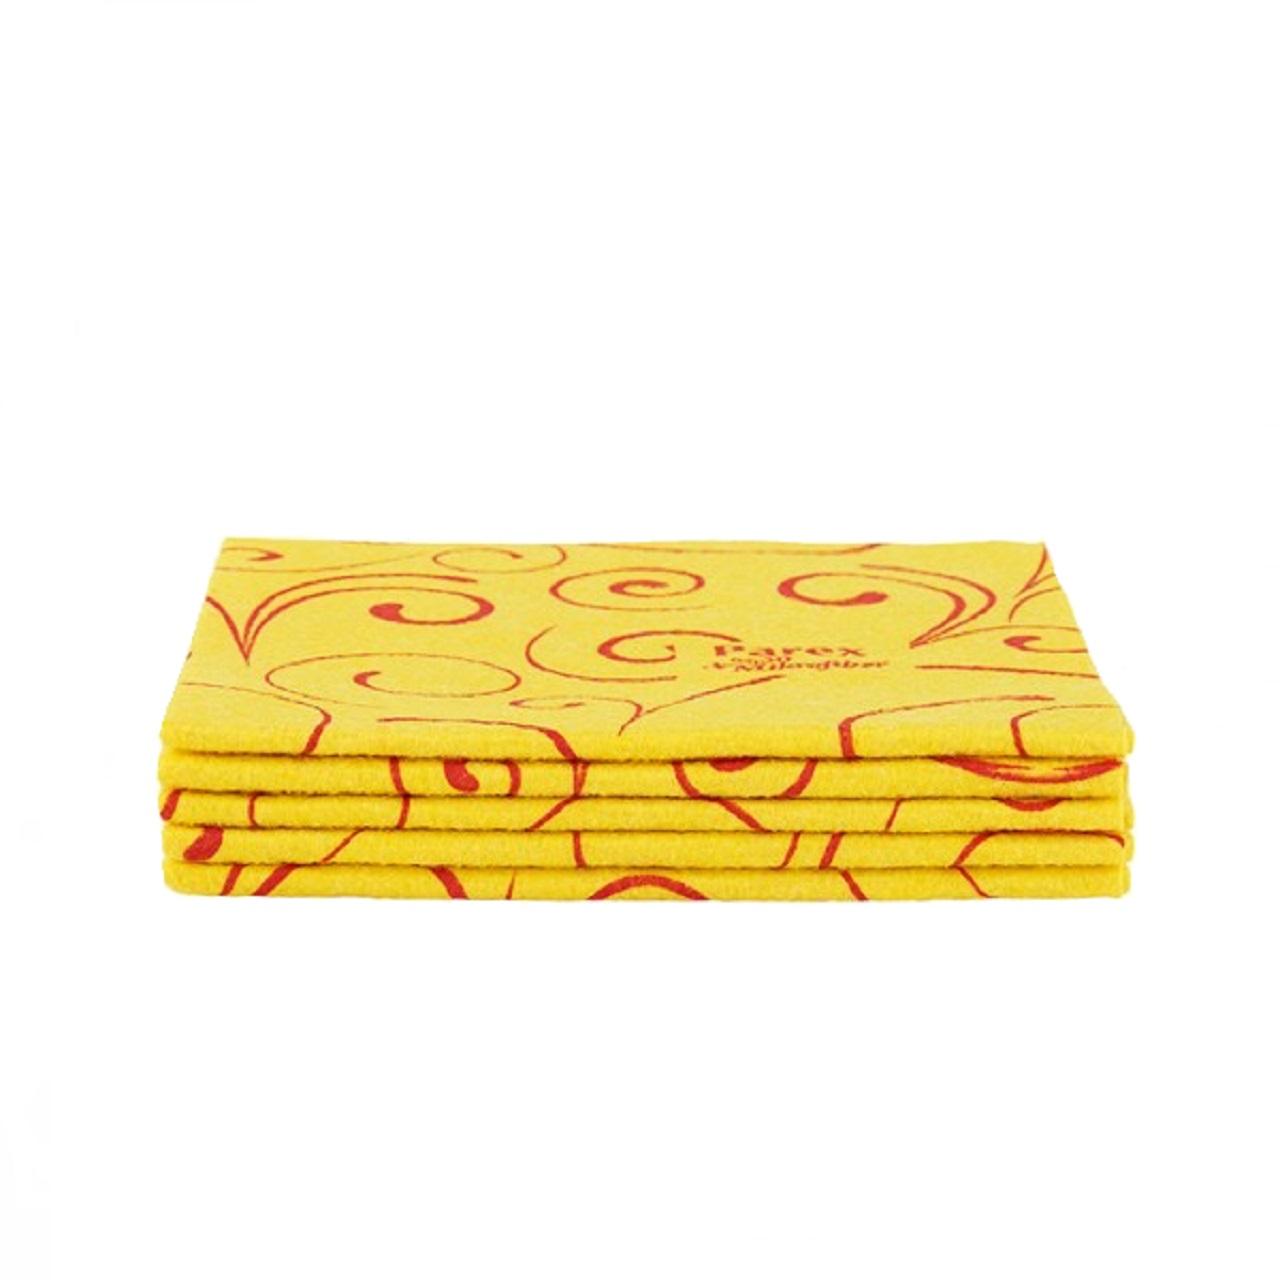 دستمال میکروفایبر پرکس مدل 90014 بسته 5 عددی